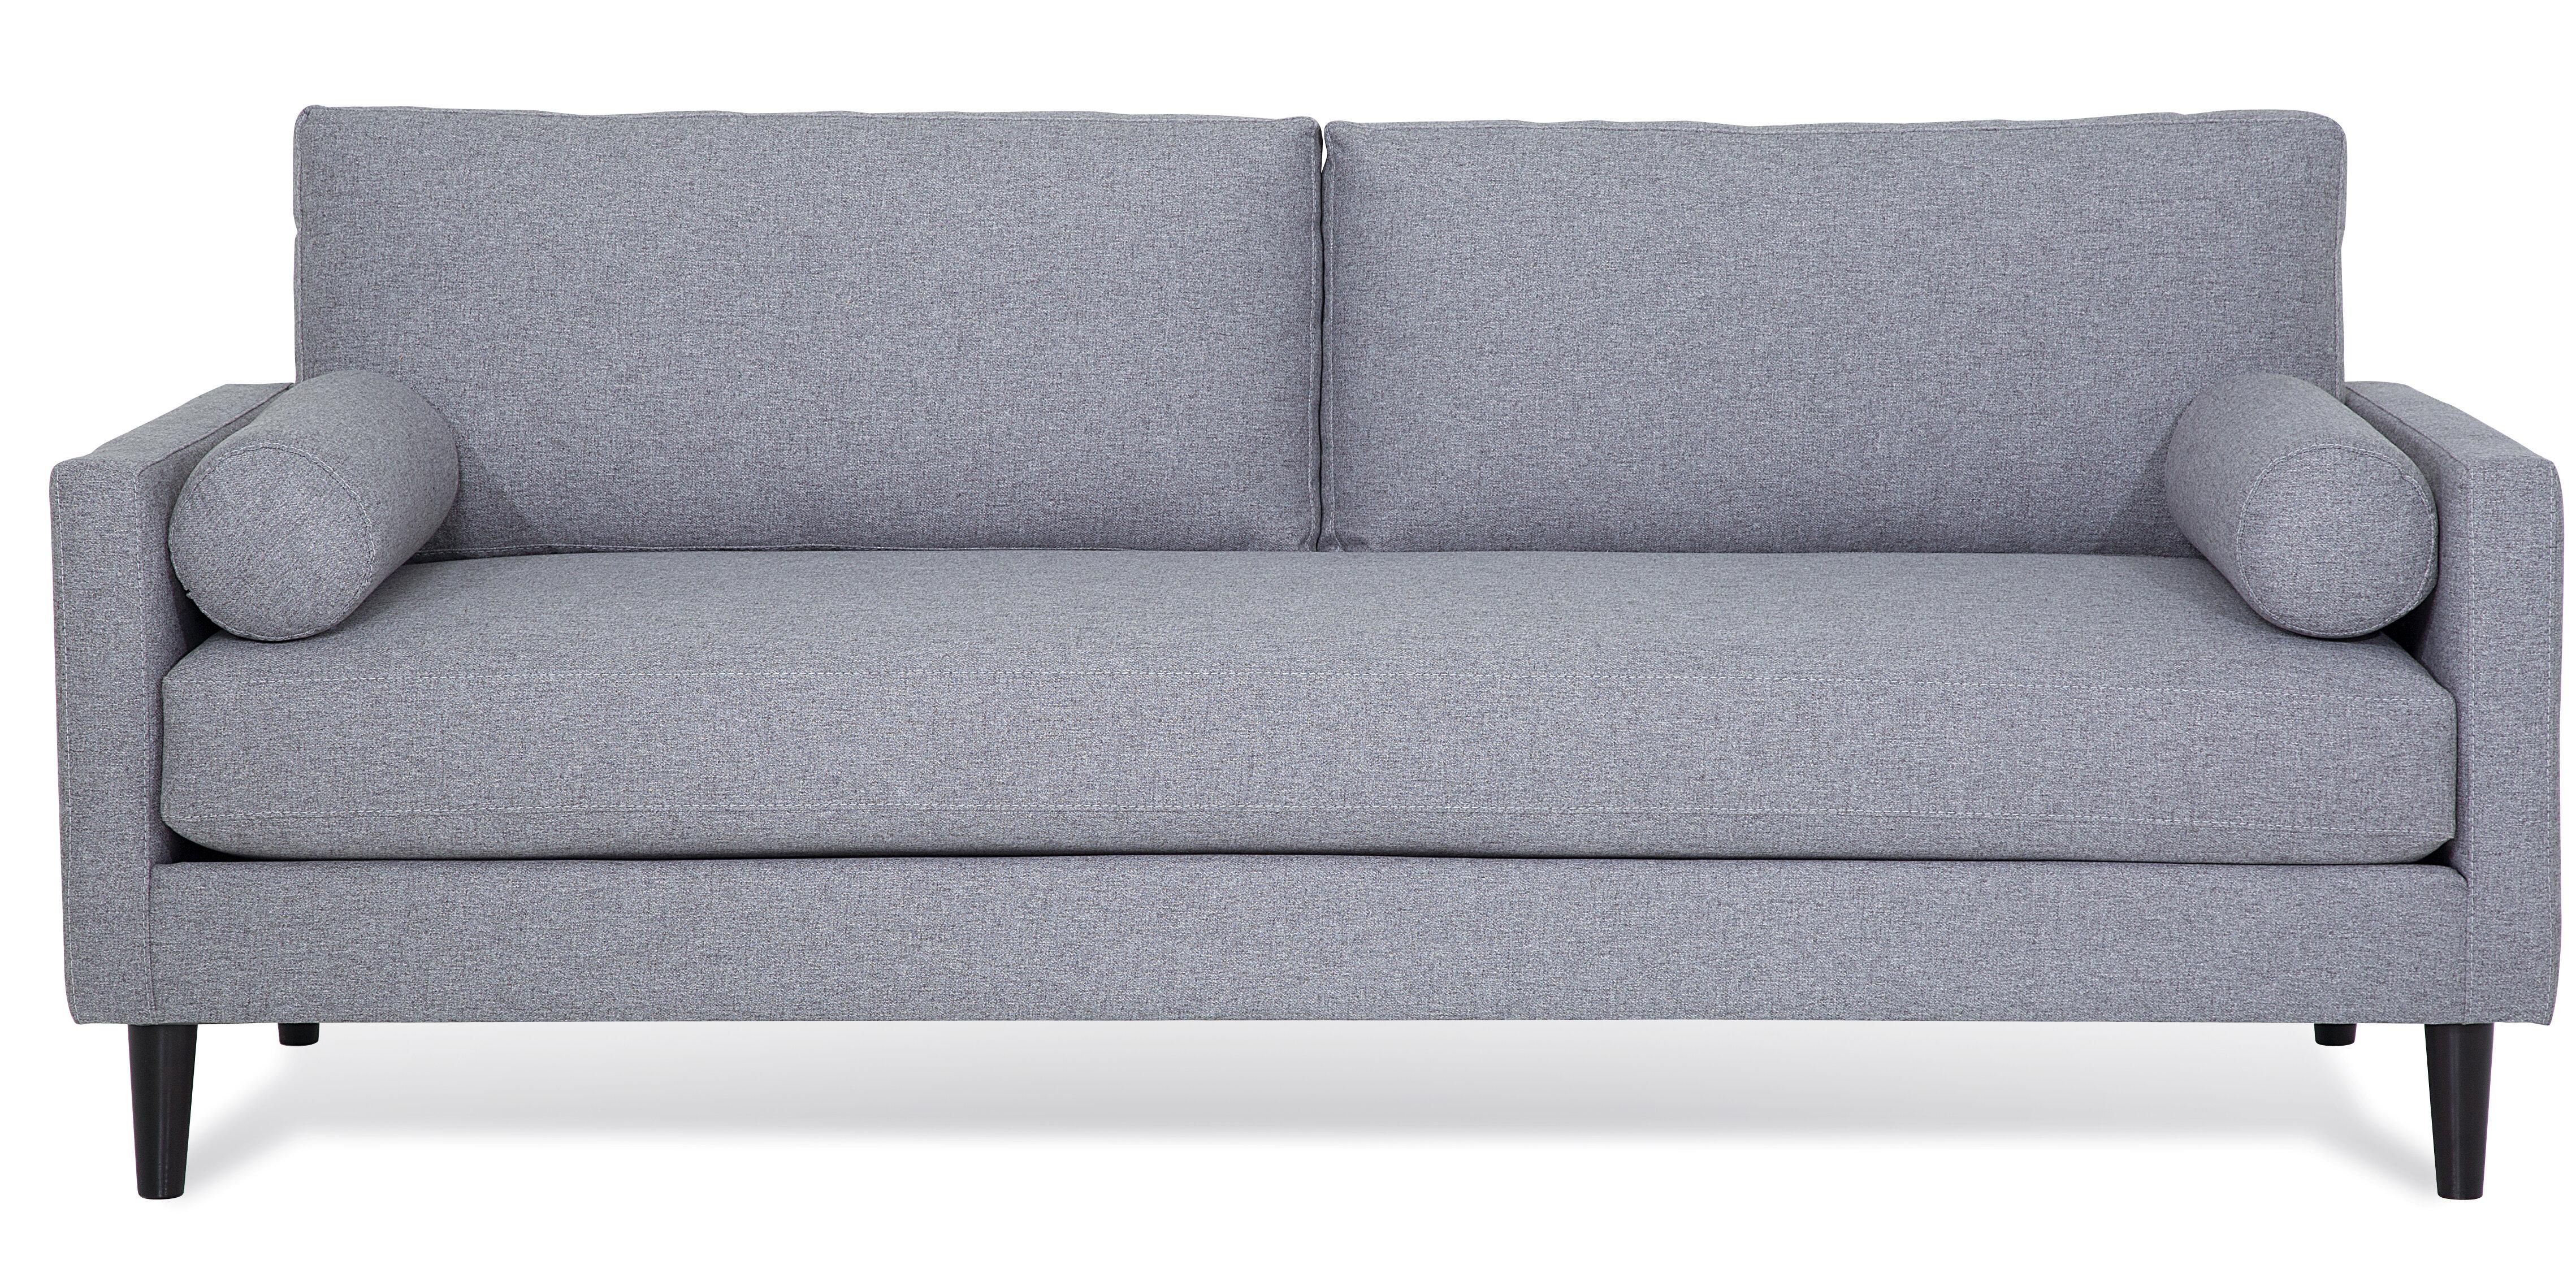 Fantastic Margo Sofa Lamtechconsult Wood Chair Design Ideas Lamtechconsultcom